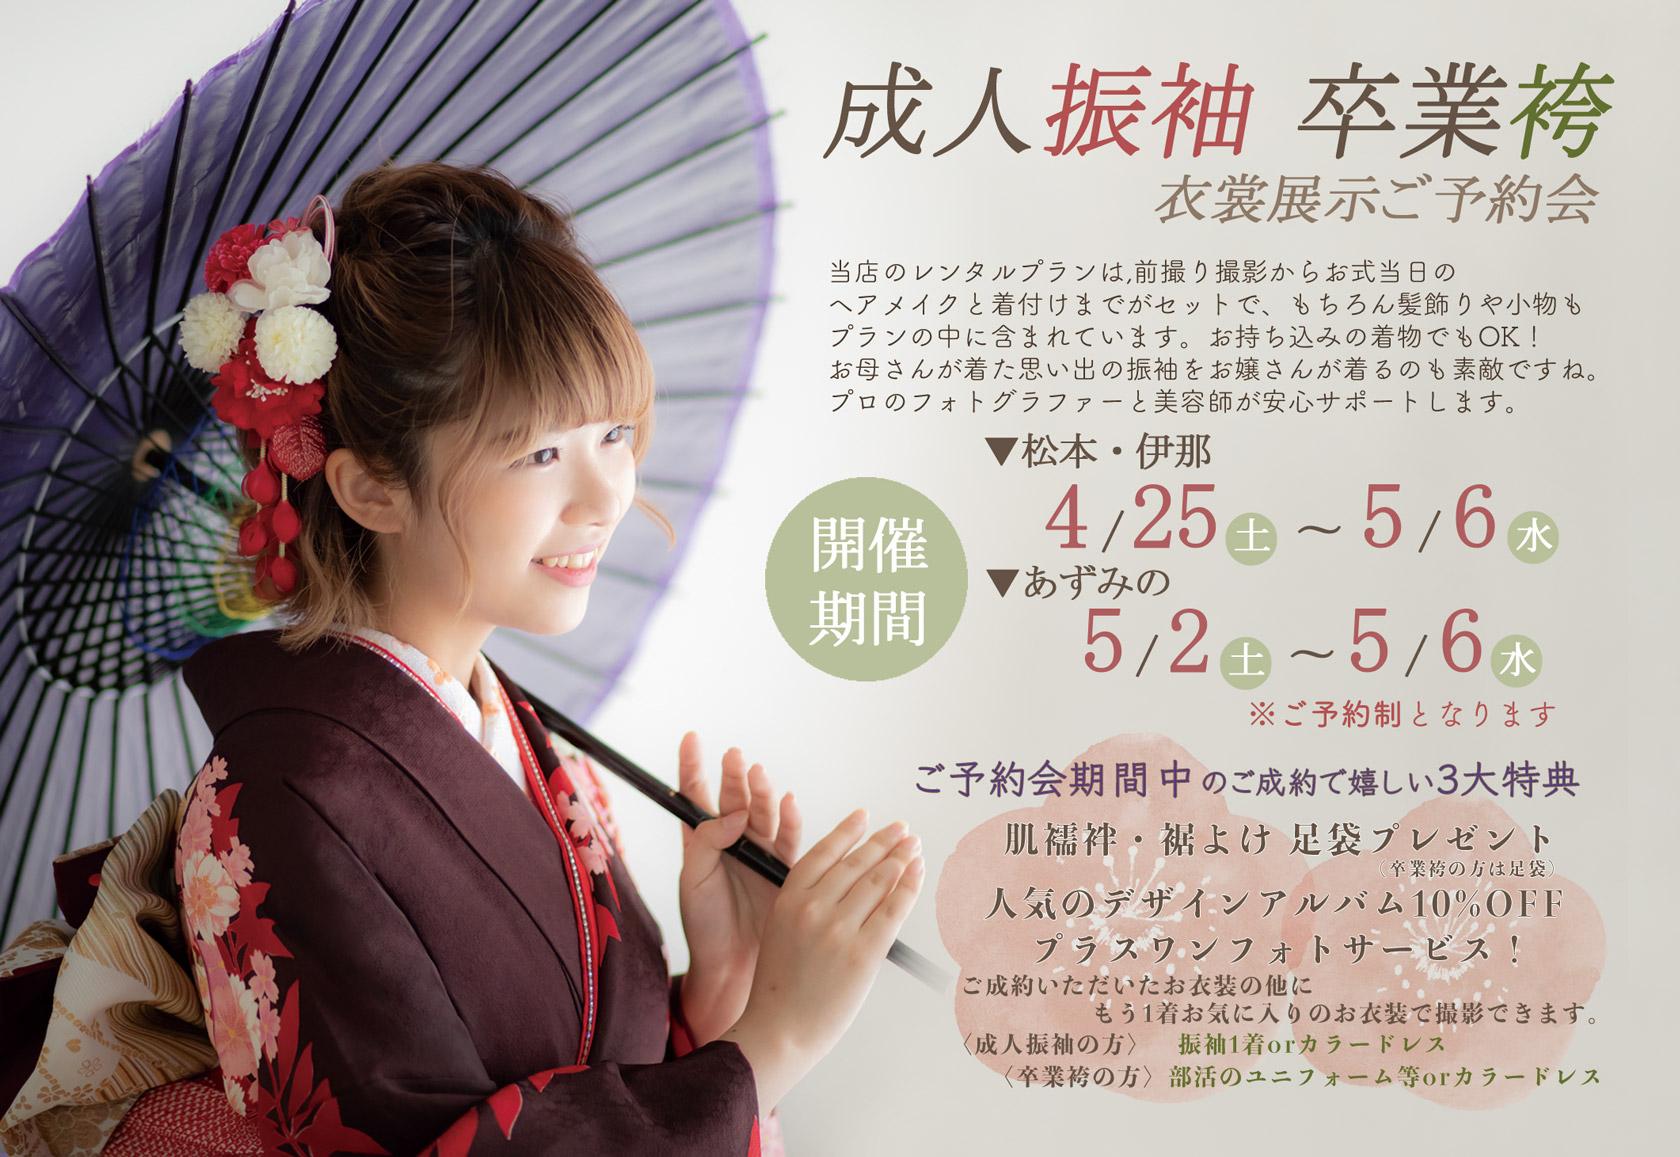 デュボンタン 成人振袖×卒業袴 衣裳展示ご予約会 4,5月開催